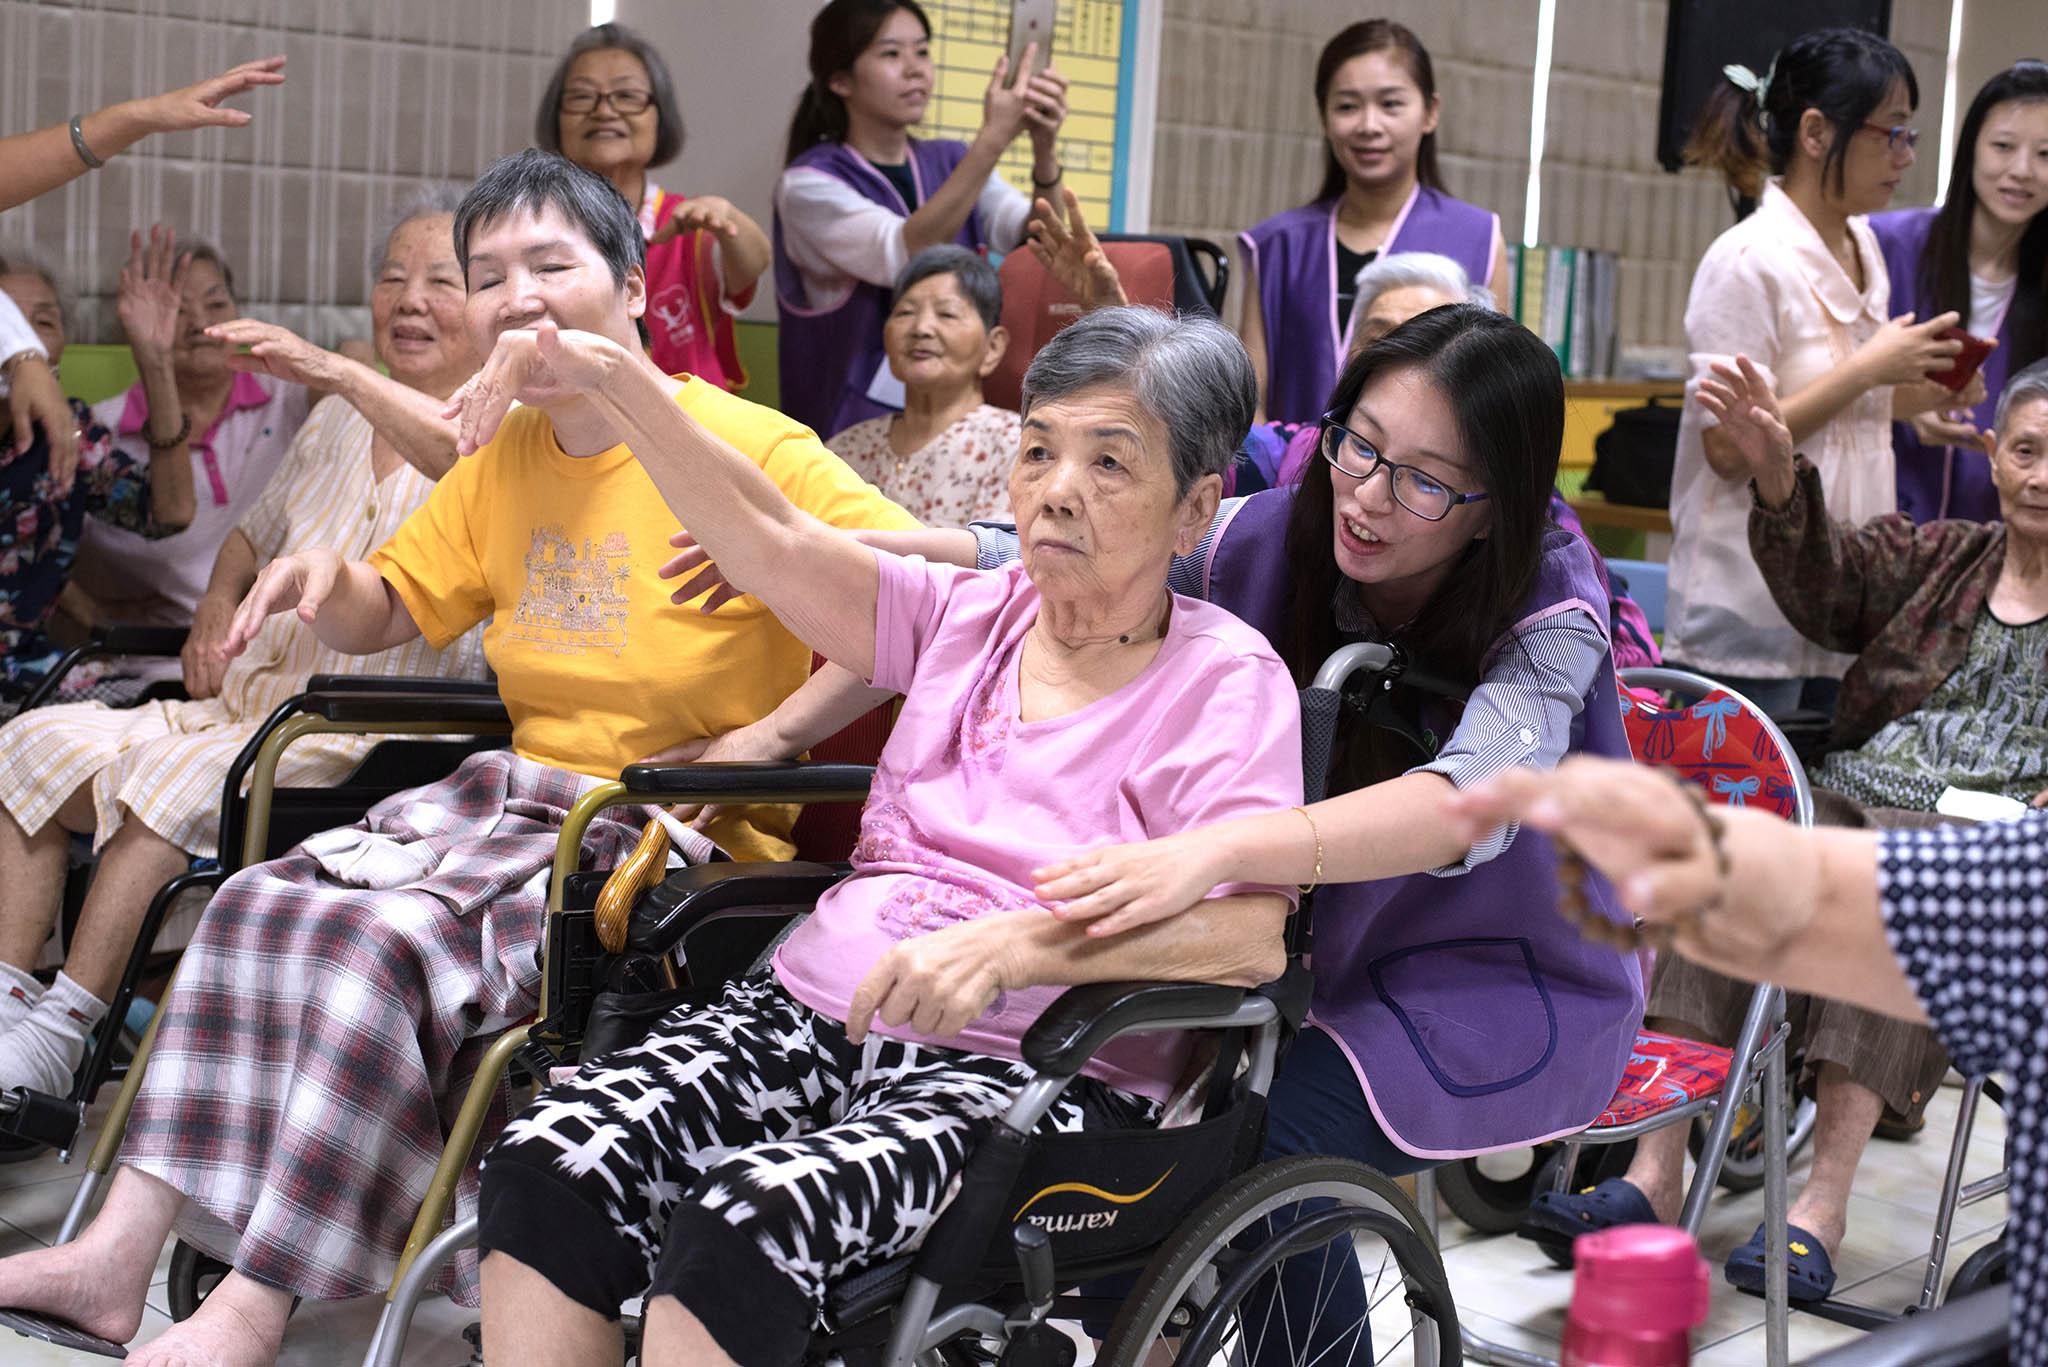 永達志工協助長輩伸展。